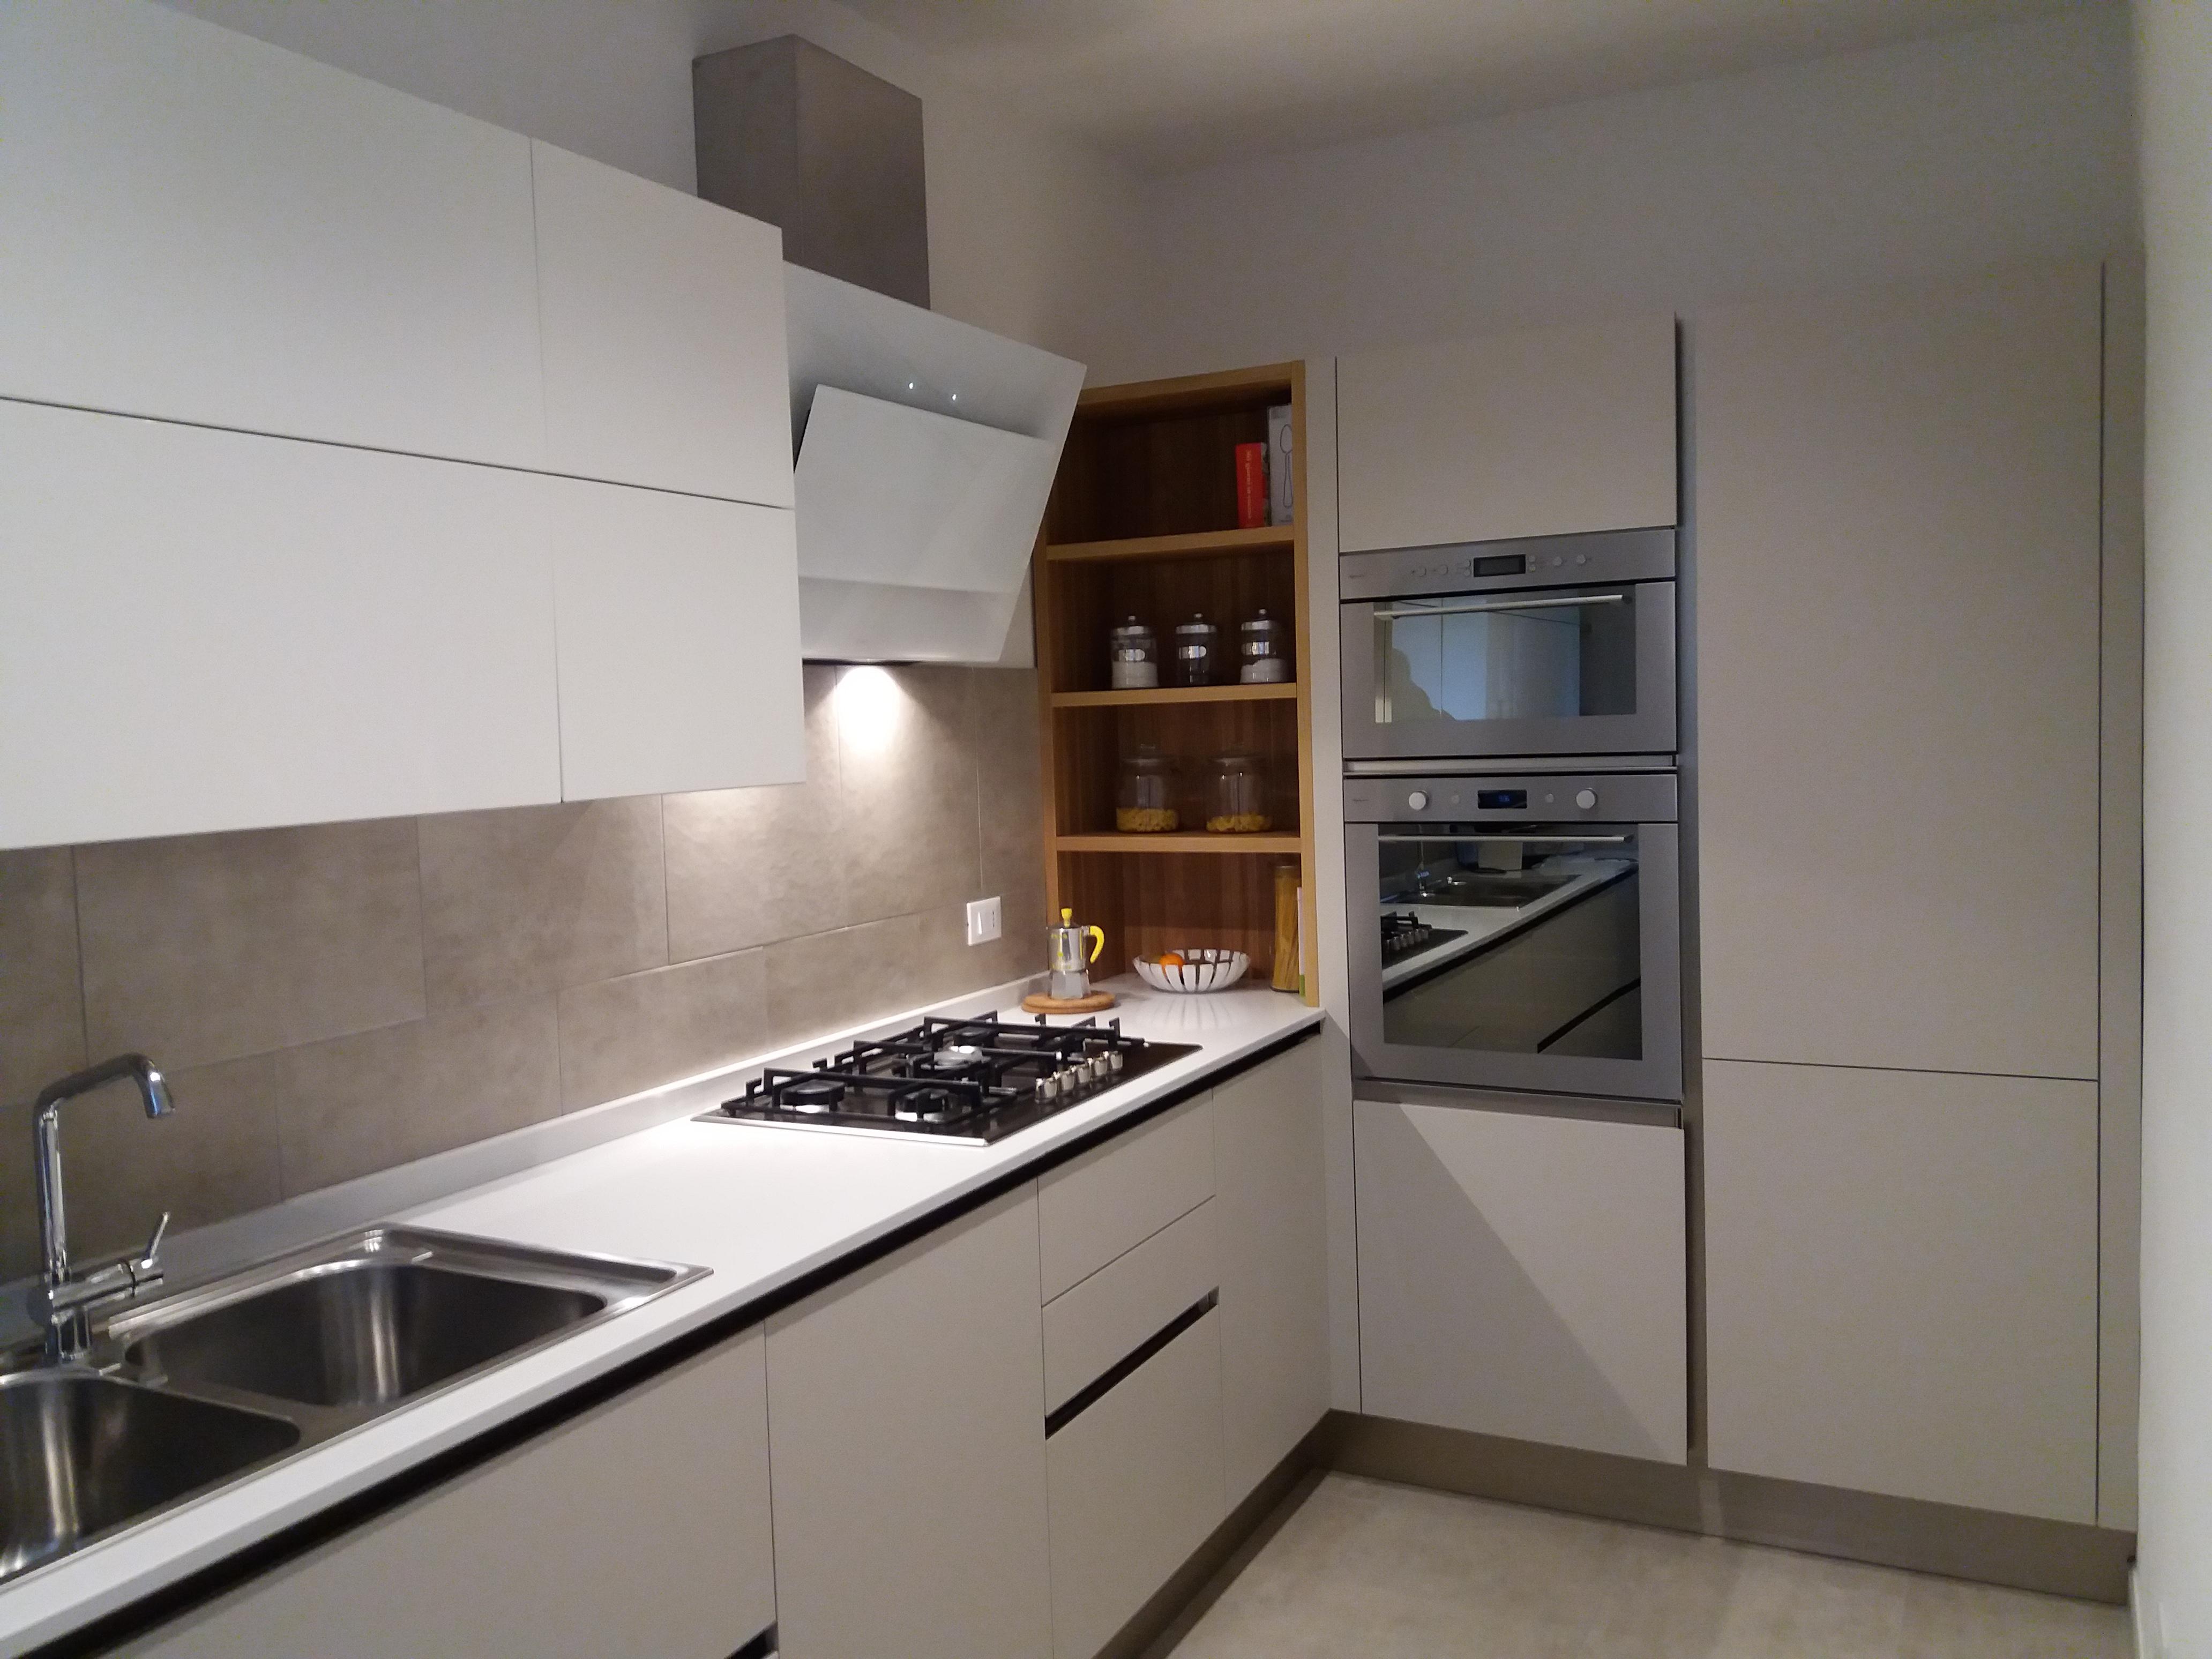 Cucina -OYSTER DEK SILK- Veneta Cucine